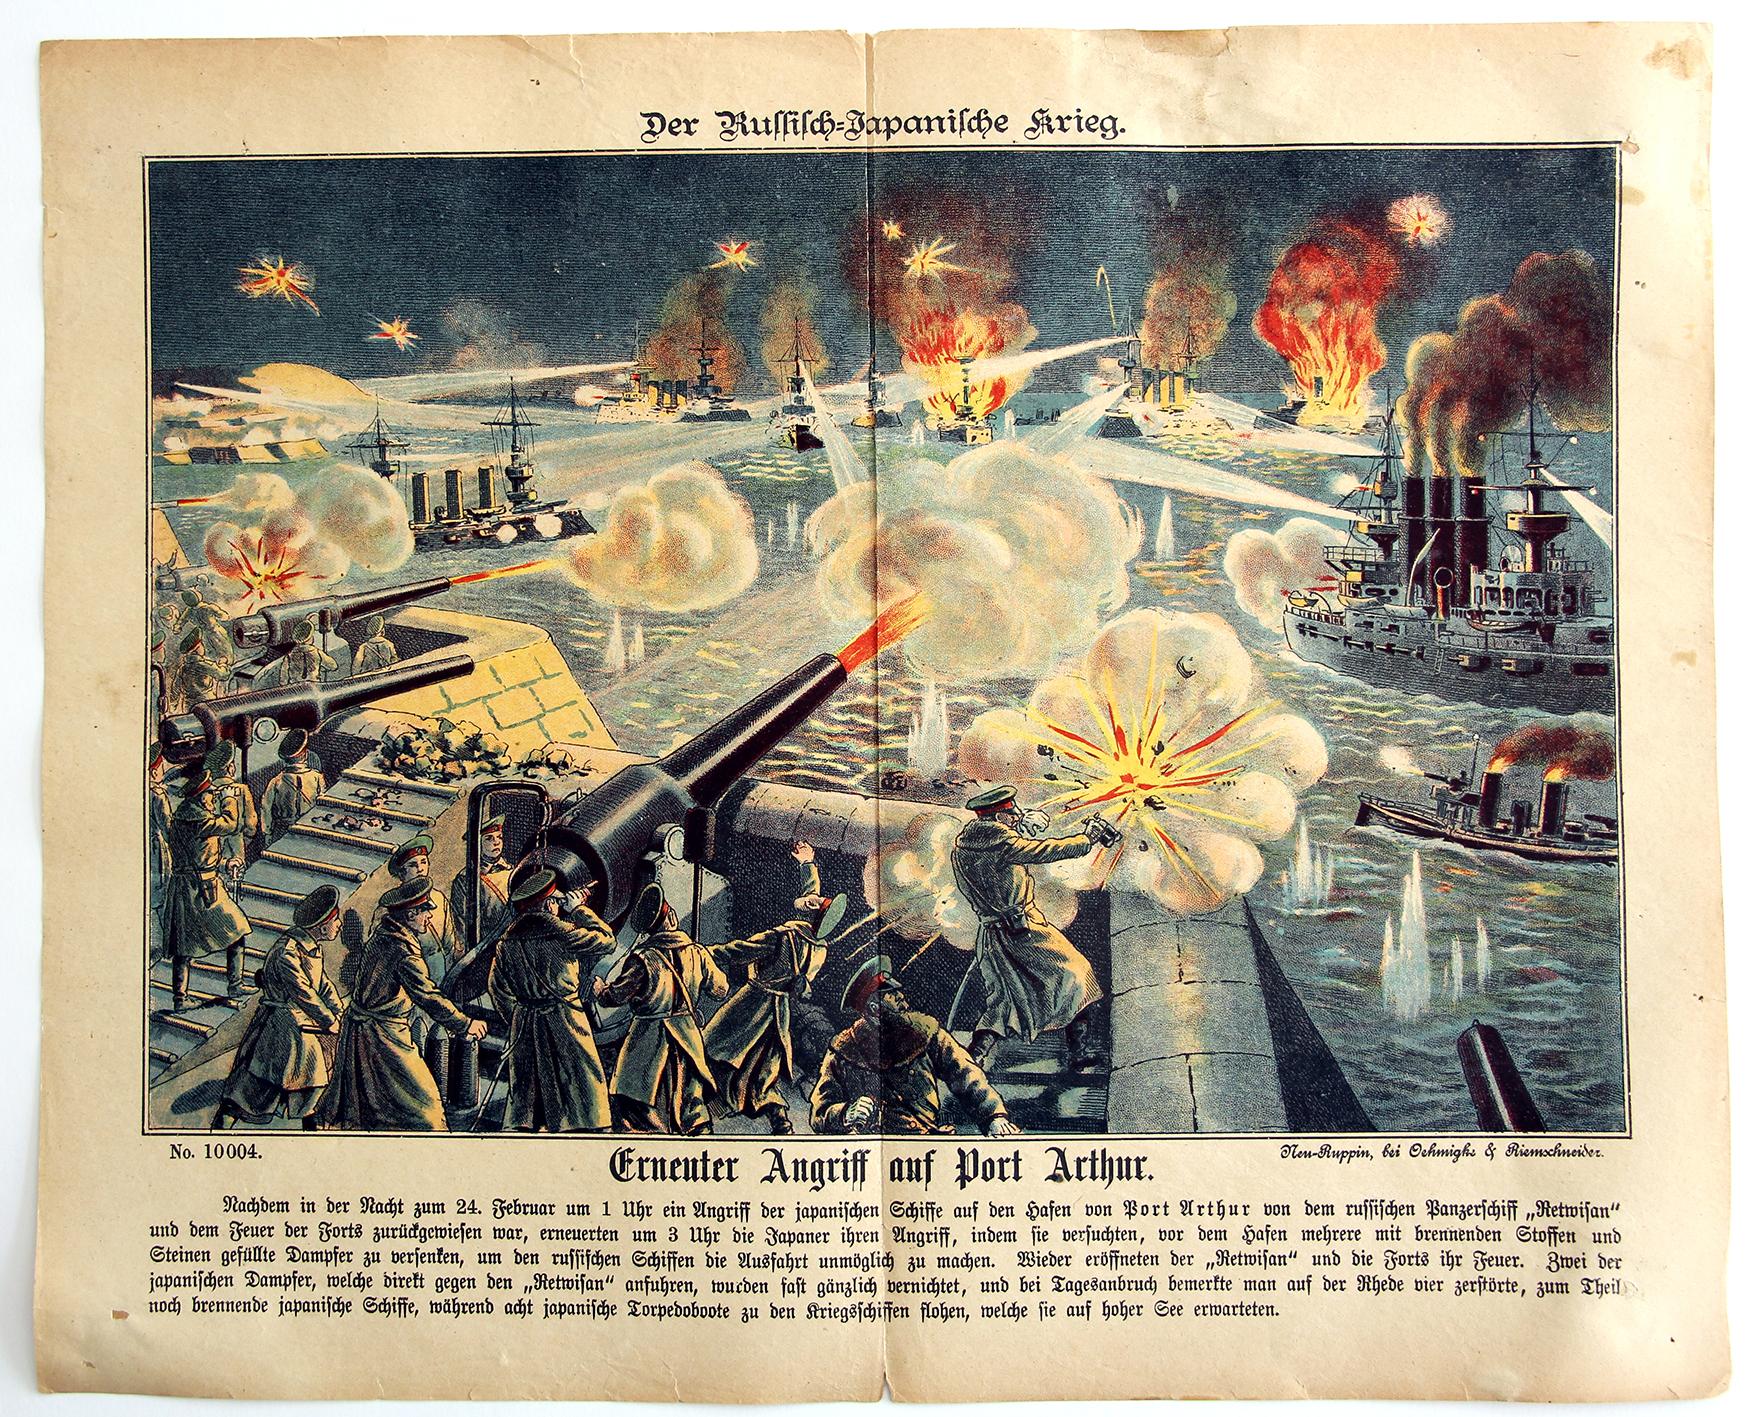 Planche imagerie - Neu-Ruppin, Bei Oehmigke & Riemschneider - Fin XIX -Der Russisch / Japanische Krieg - Guerre-Russo Japonaise 1905 - Port Arthur